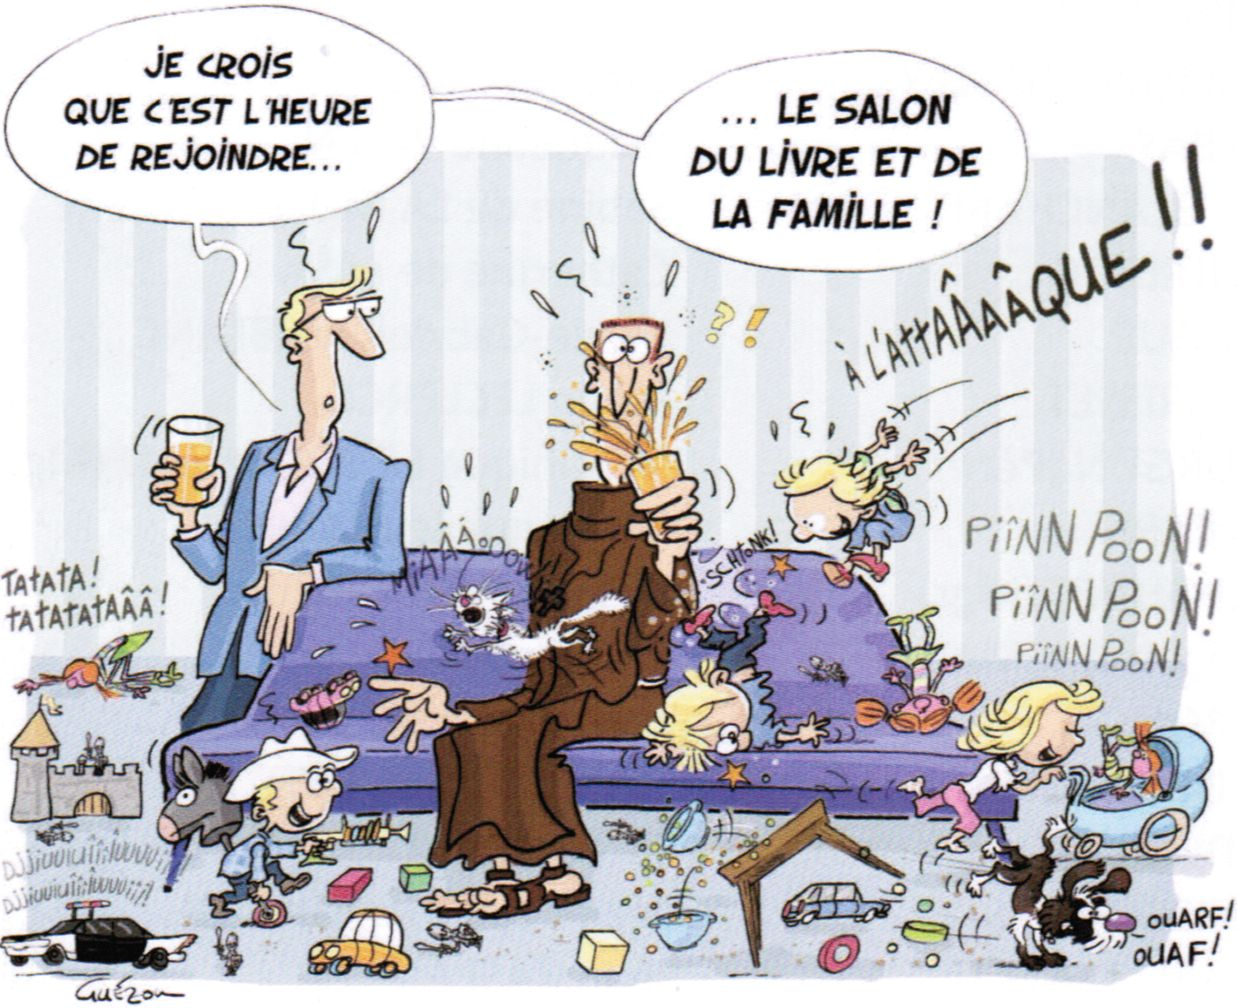 5ème Salon du livre et de la famille le 9 novembre 2019 à Paris